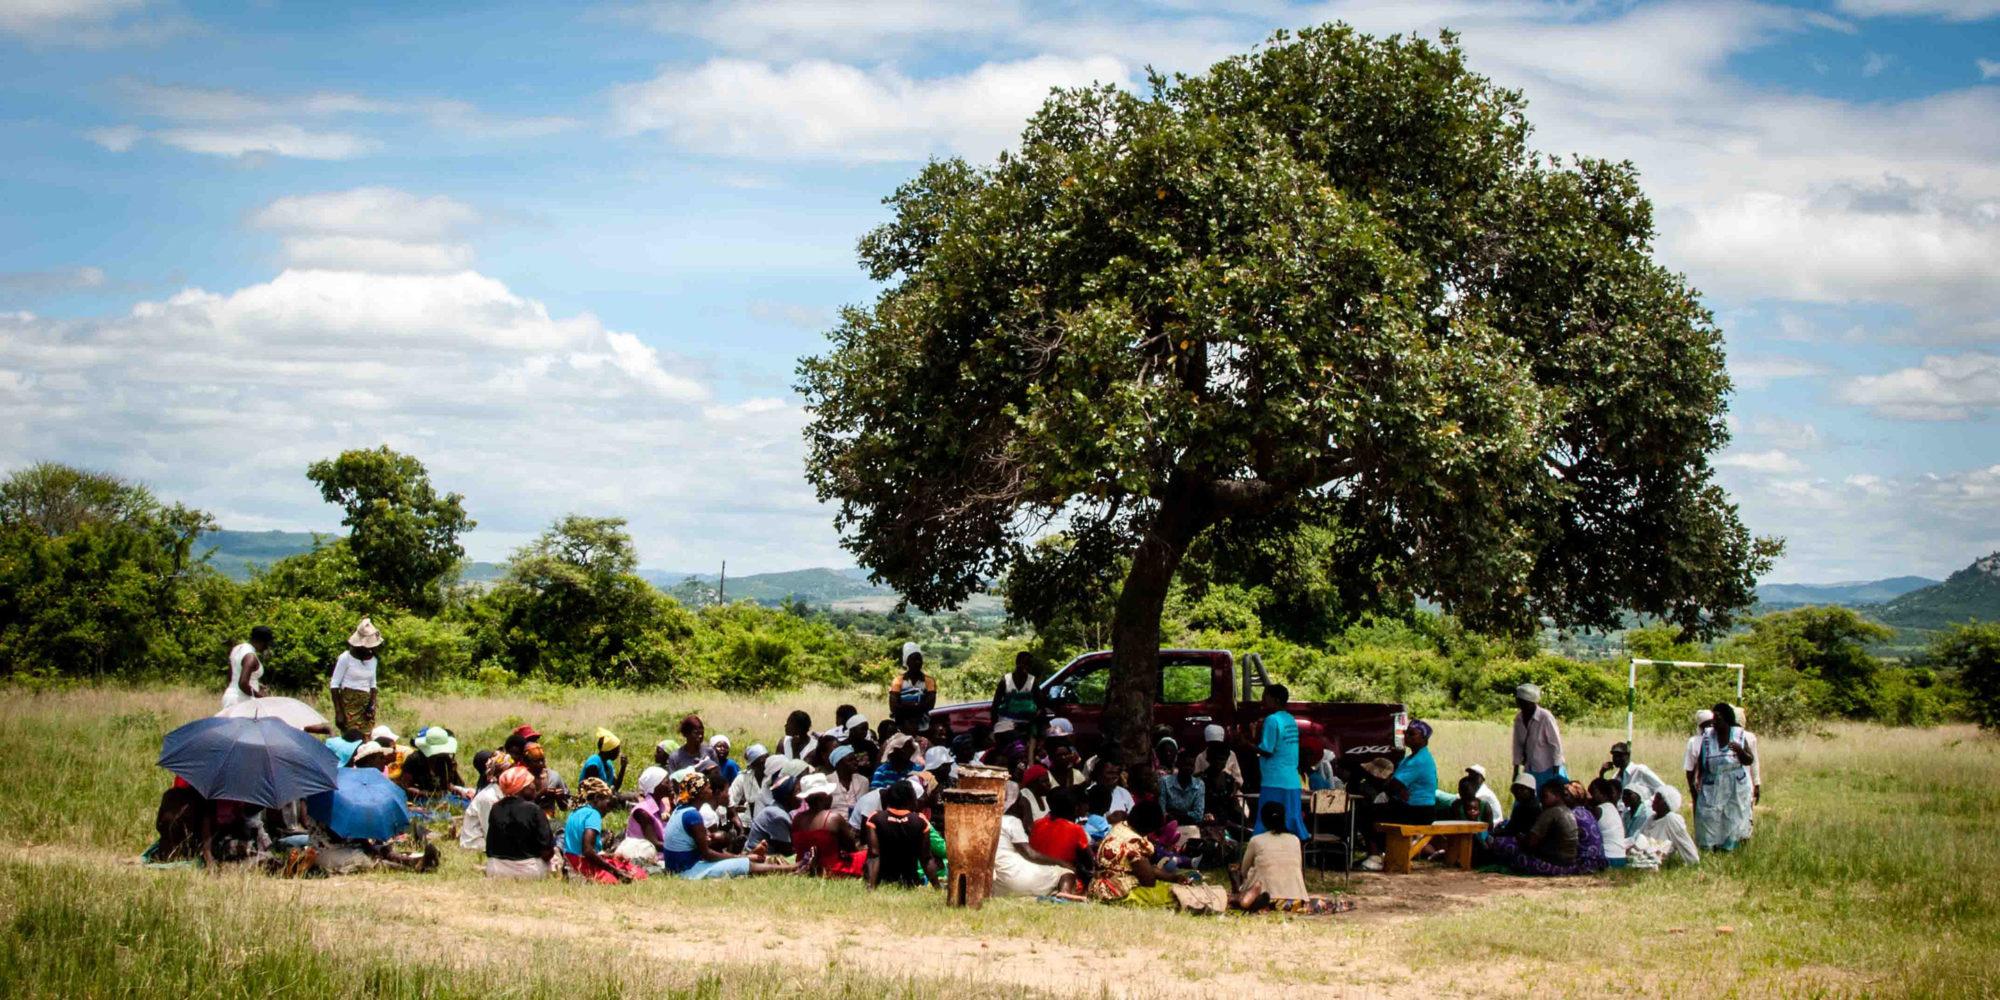 En stor grupp kvinnor sitter under ett grönskande träd.